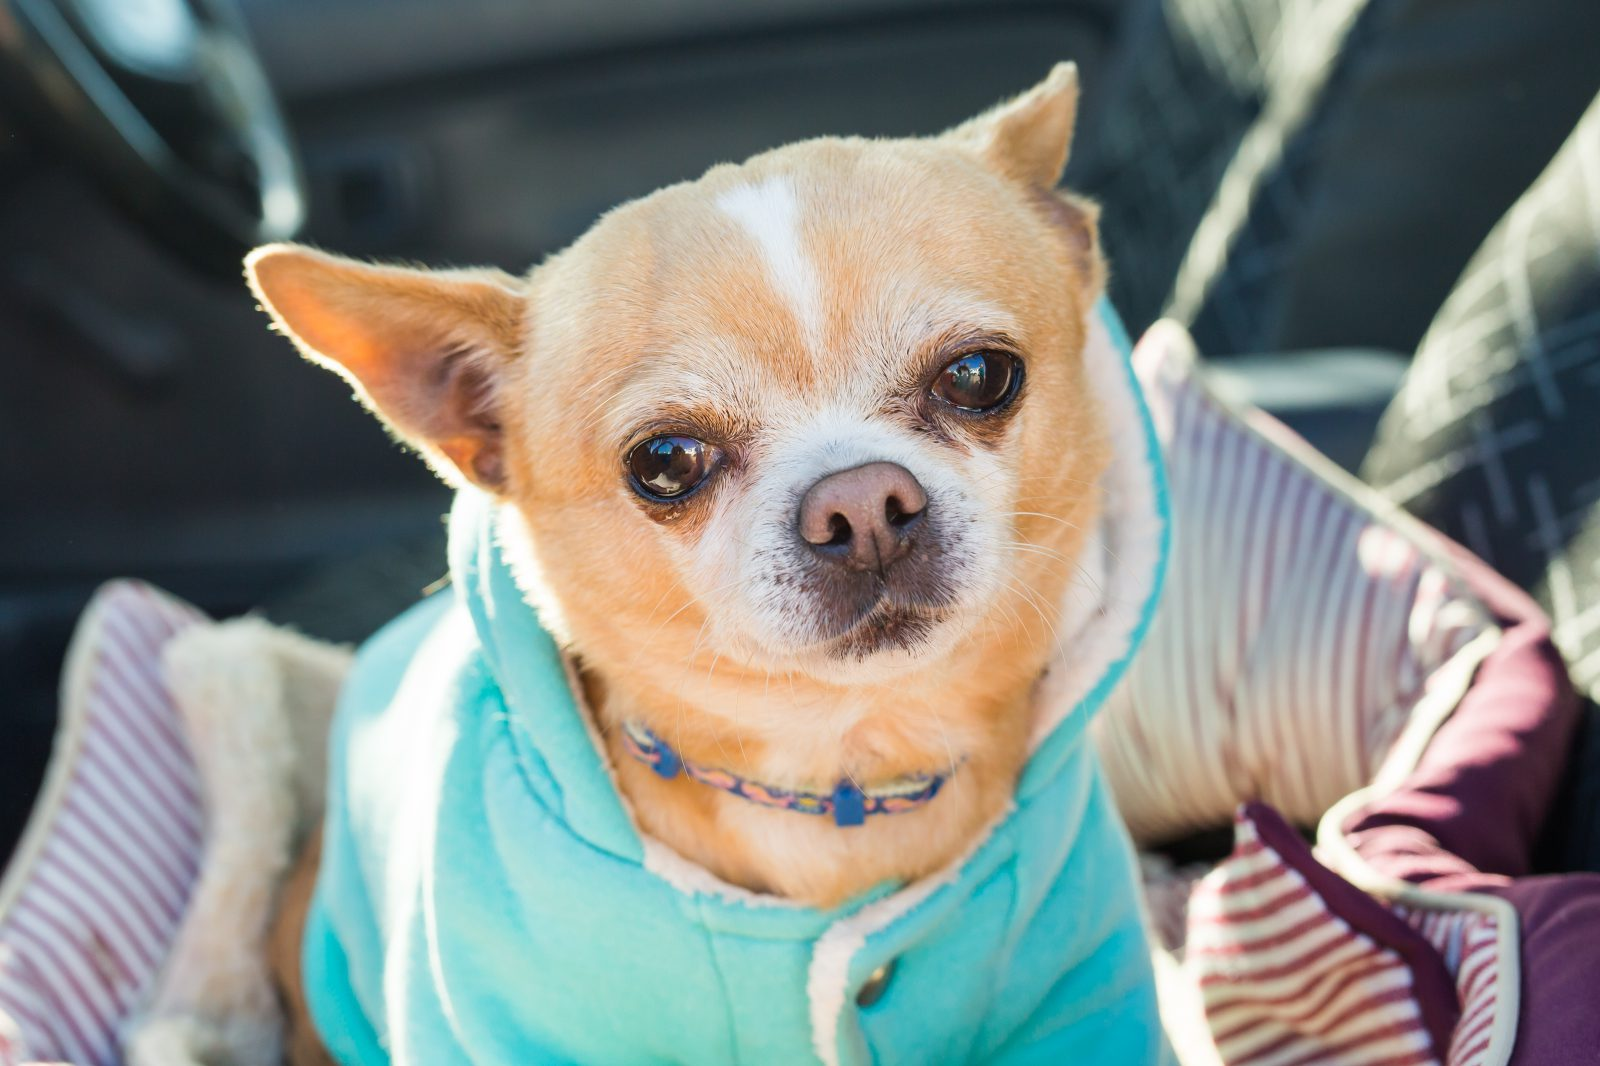 Roupa para cachorro: Chihuahua de sweater esportivo com capuz